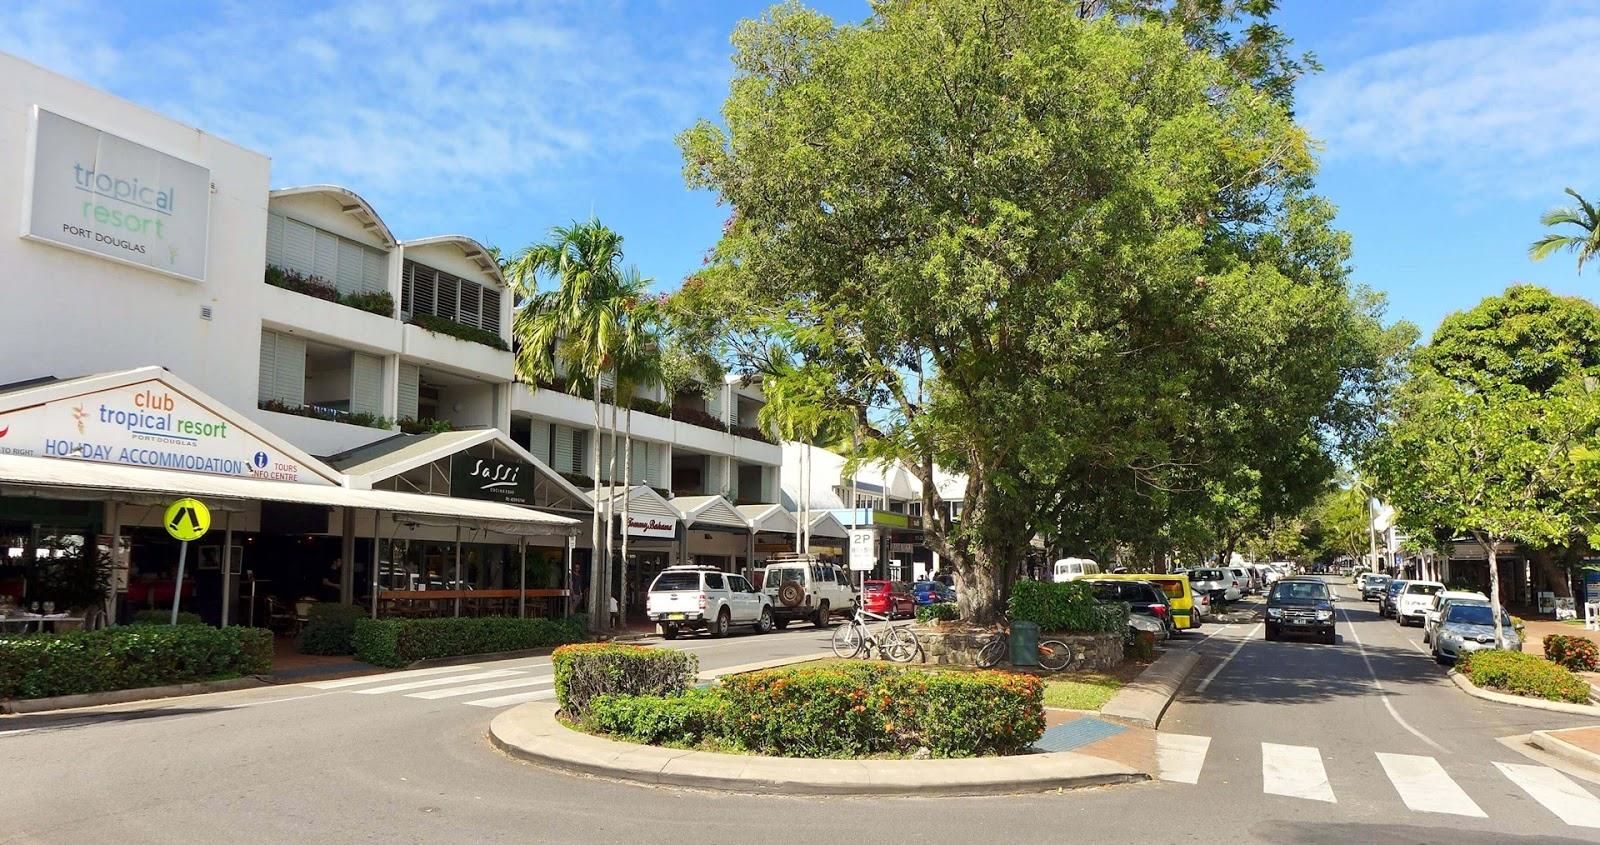 凱恩斯-景點-推薦-道格拉斯港-馬卡松街-旅遊-自由行-澳洲-Cairns-Tourist-Attraction-Port-Douglas-Macrossan-Street-Travel-Australia